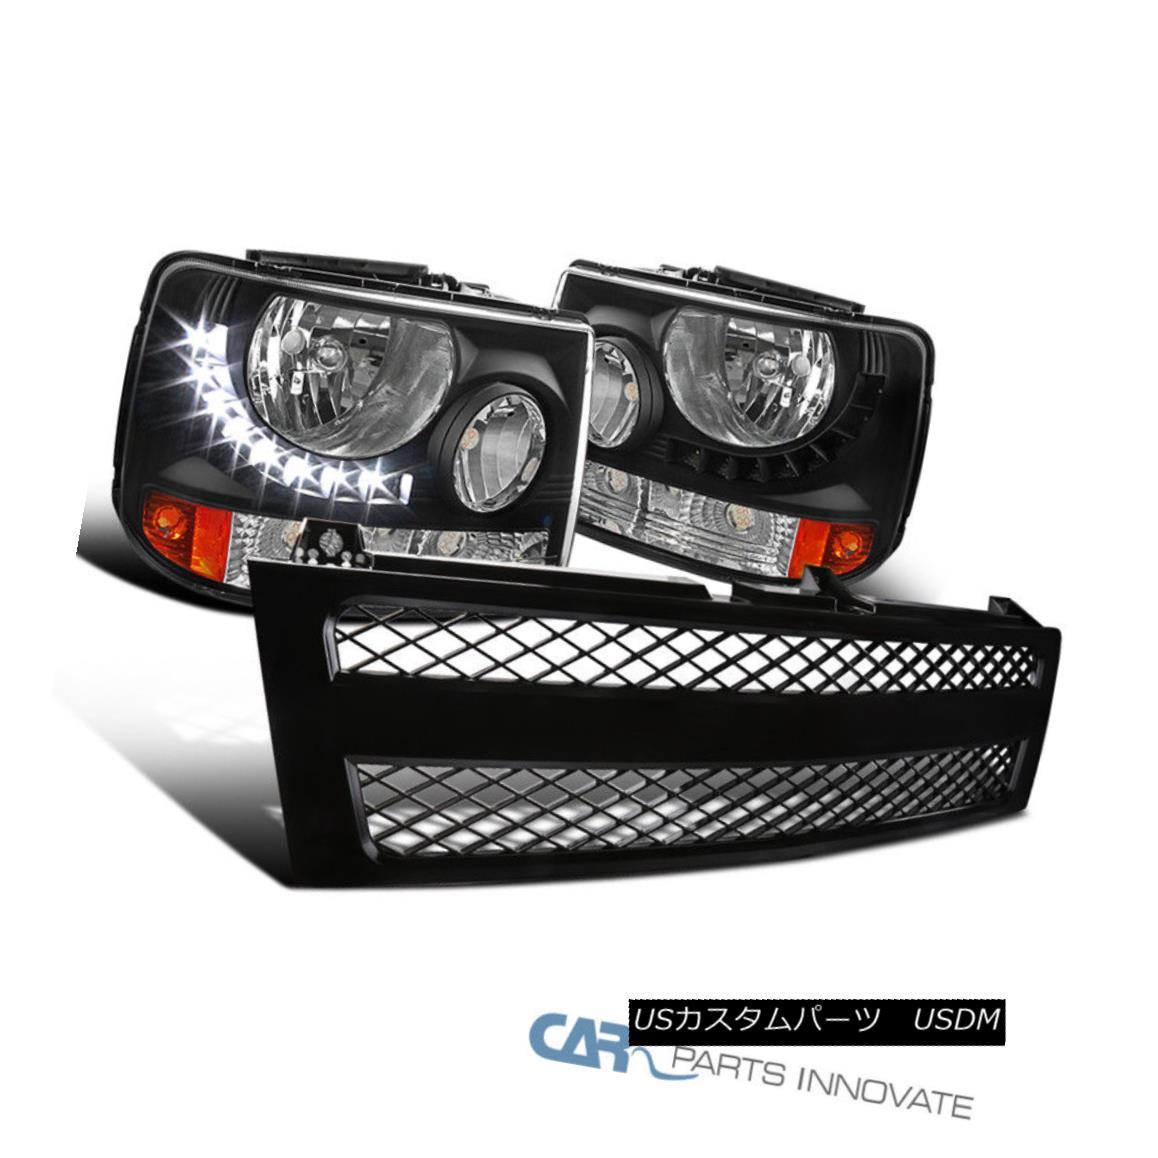 グリル 99-02 Chevy Silverado Pickup 2in1 LED DRL Black Headlights+Mesh ABS Hood Grille 99-02シボレーシルバラードピックアップ2in1 LED DRLブラックヘッドライト+メス h ABSフードグリル